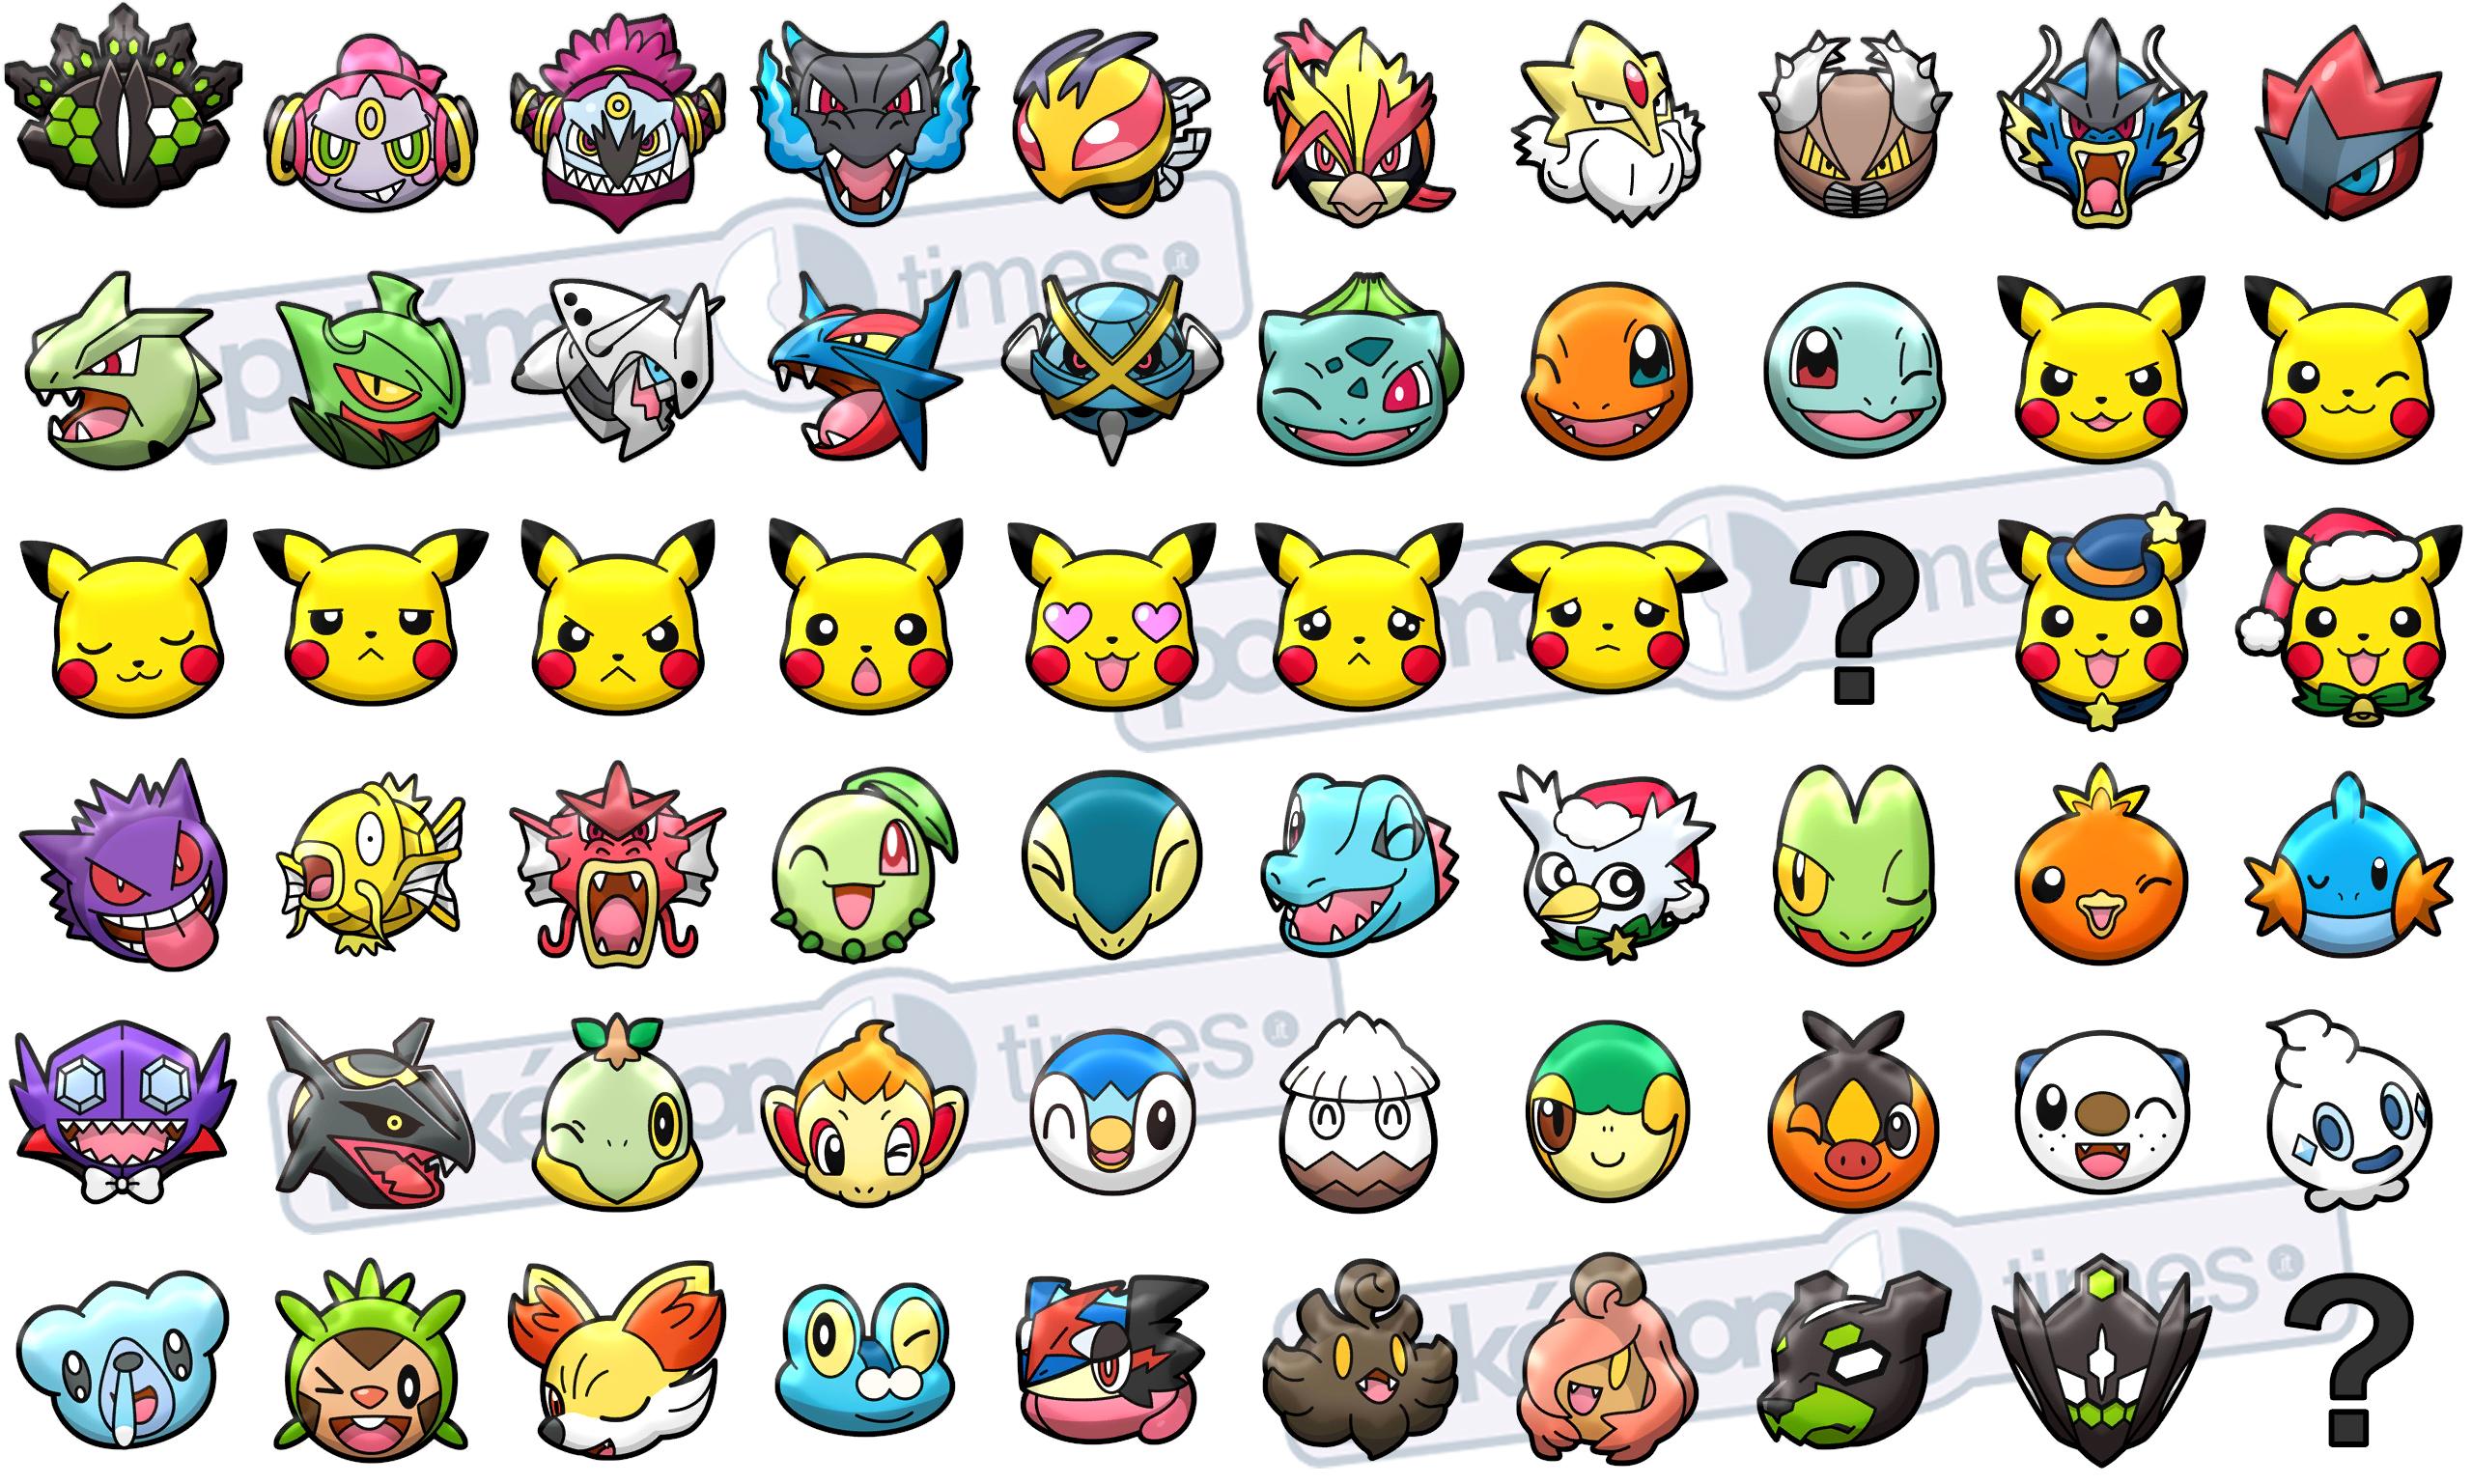 sprites_futuri_eventi_in_shuffle_pokemontimes-it